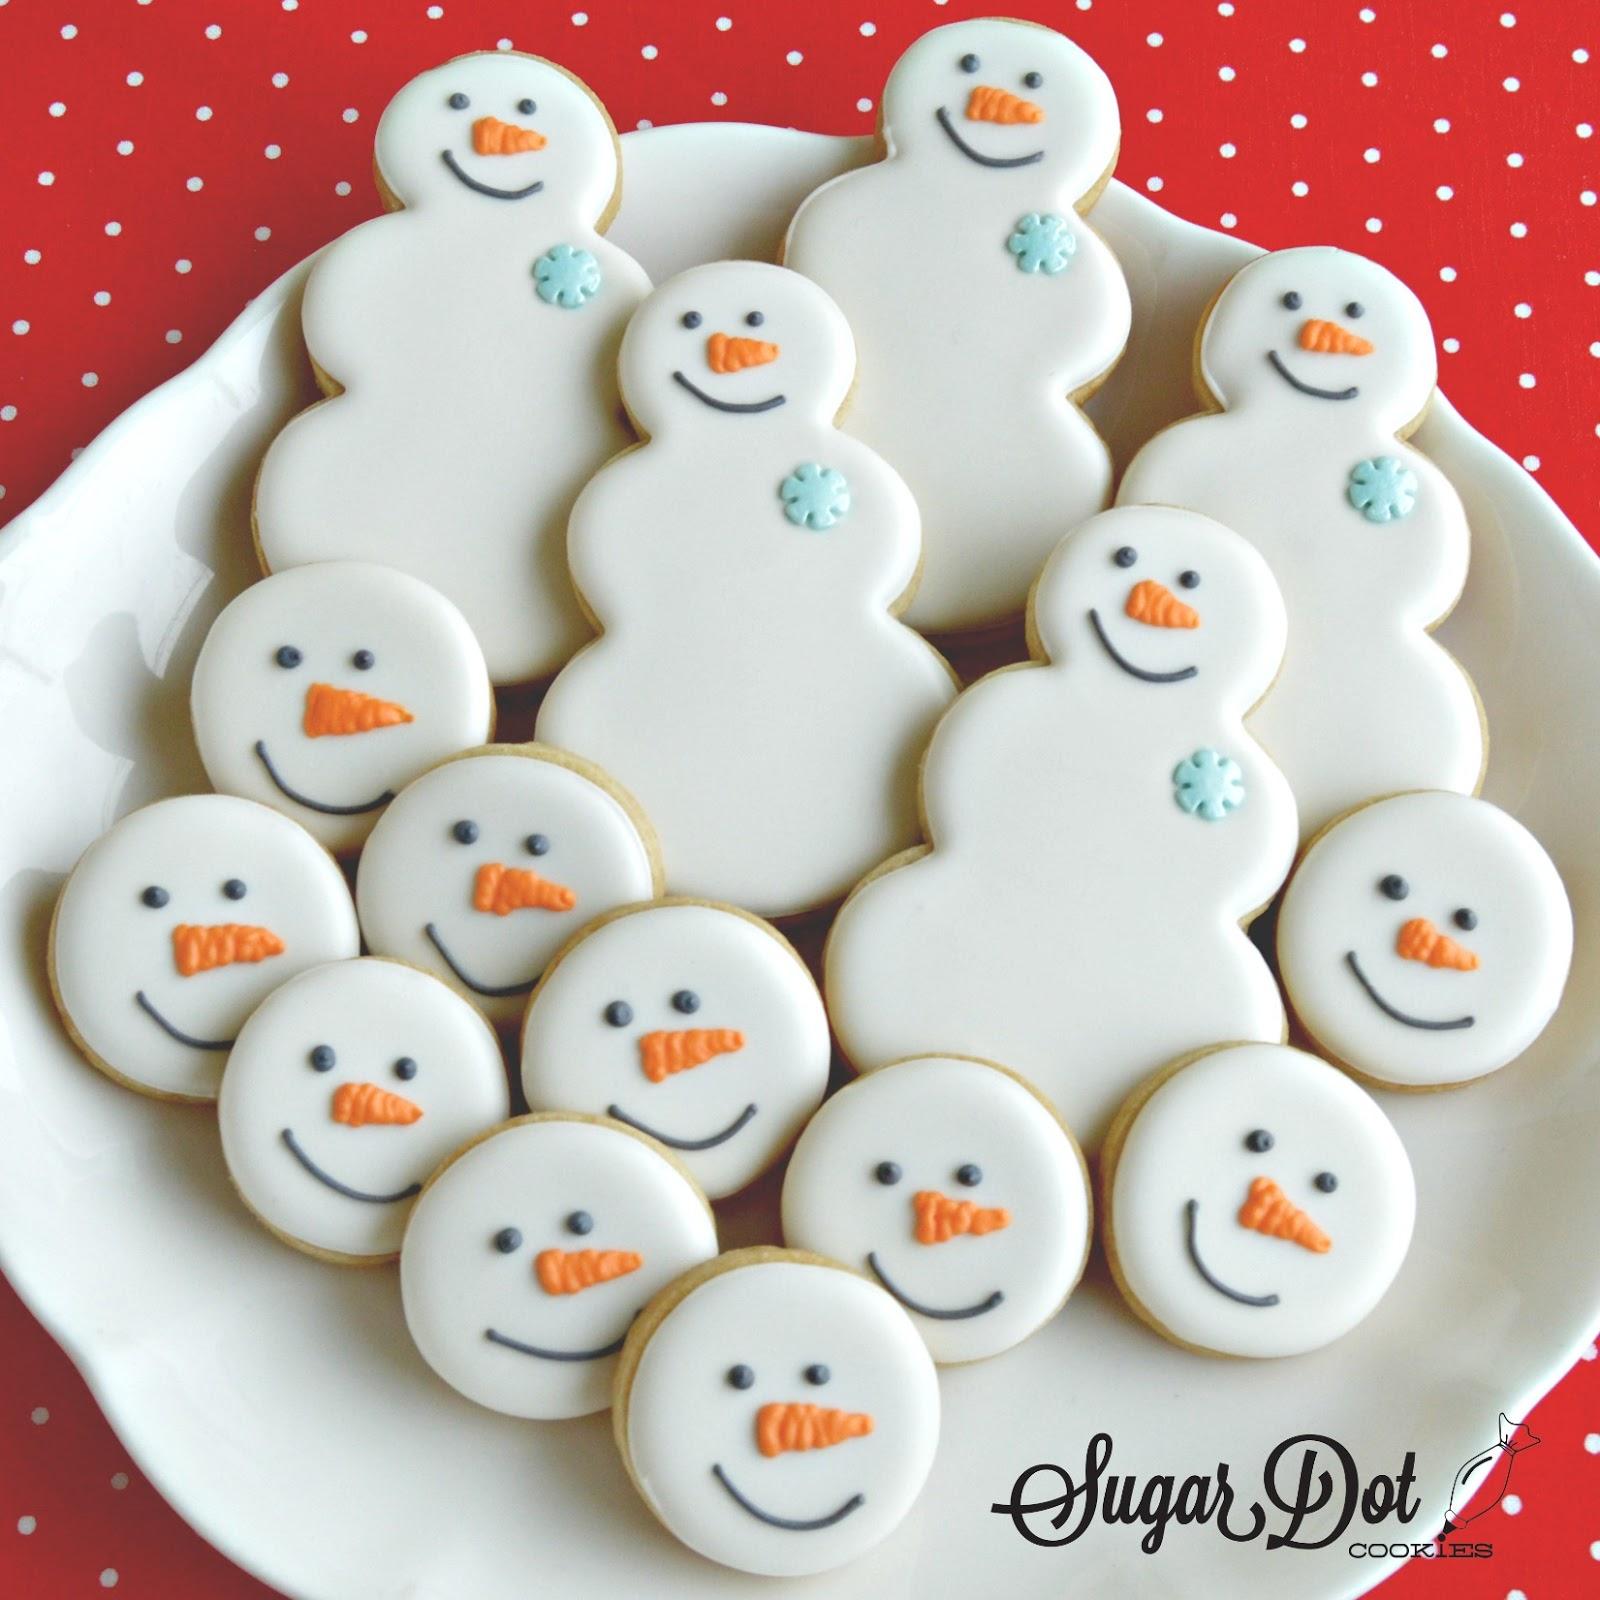 Sugar Dot Cookies: Christmas Cookies 2015